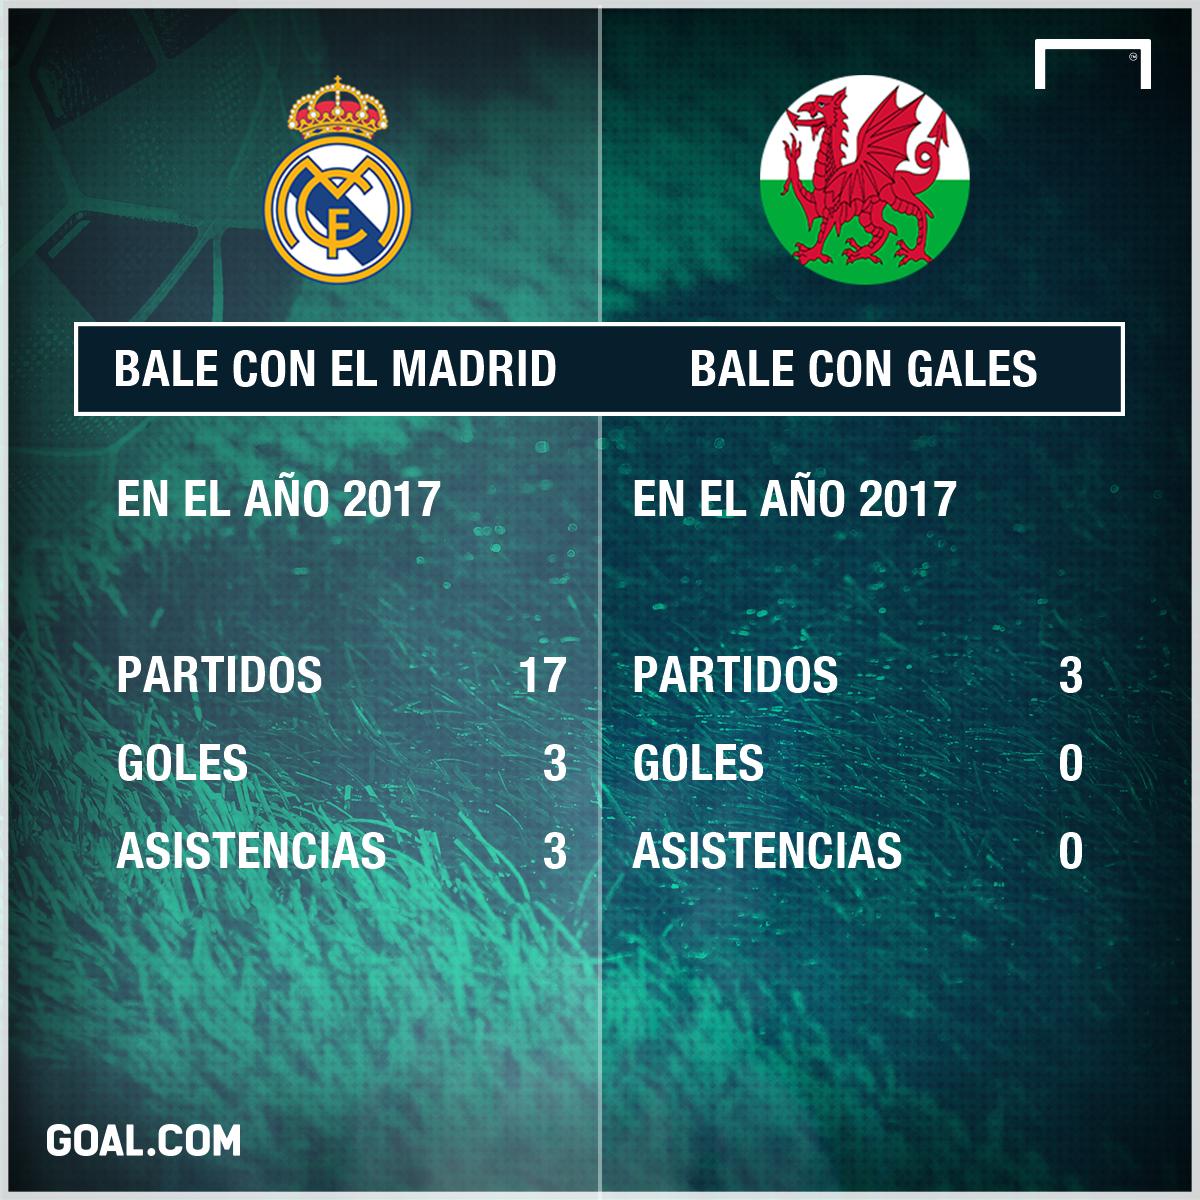 Zidane pide paciencia hacia Bale, pero quiere que haga más